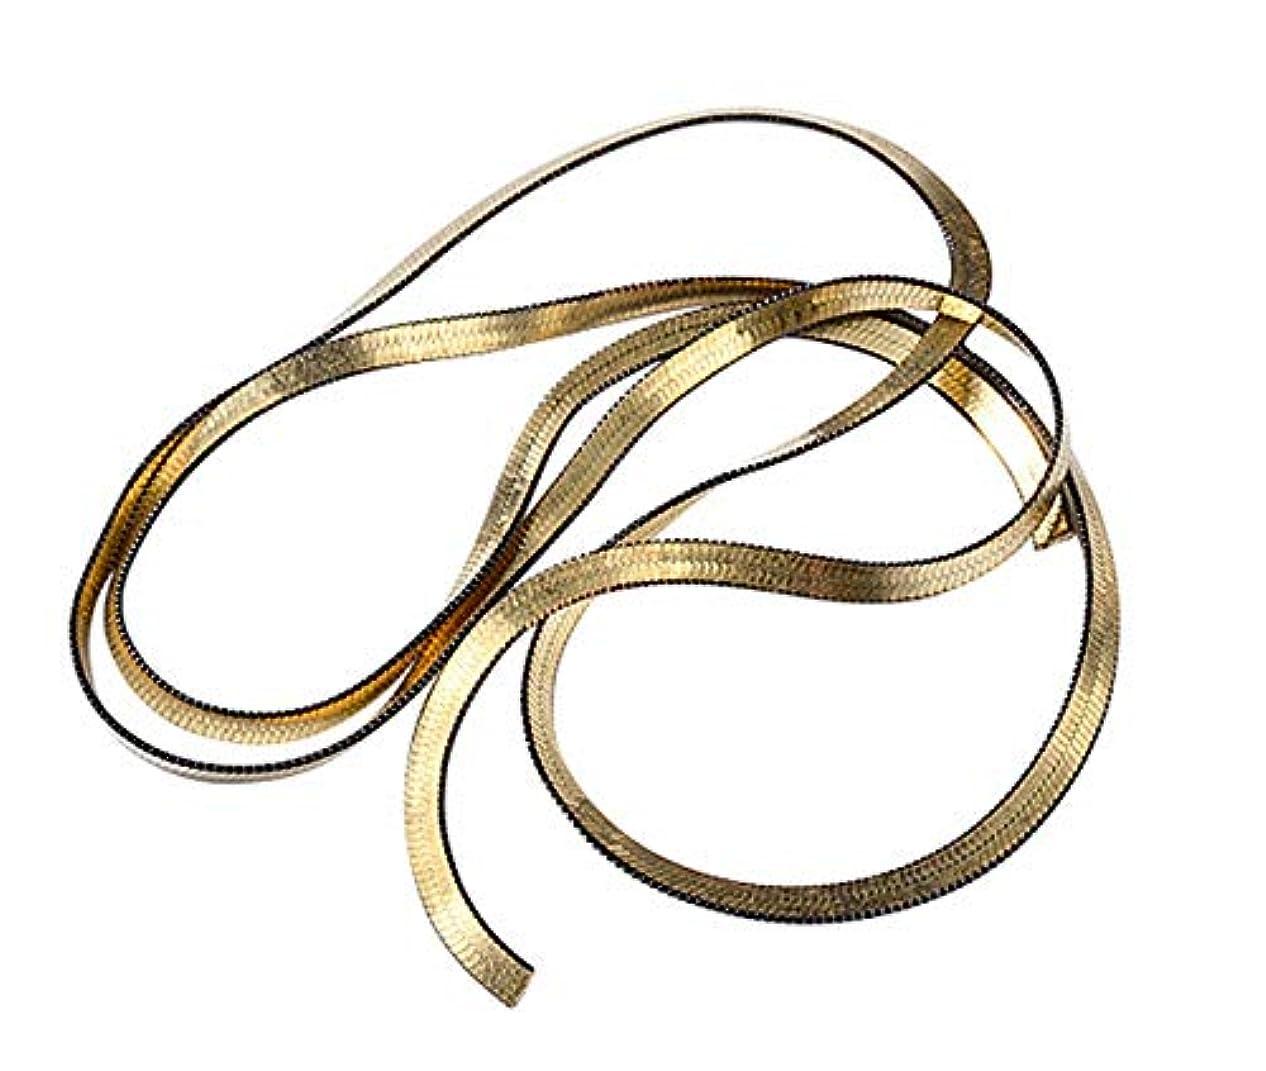 下る誇大妄想脱獄Tianmey ミックスネイルアートメタルチェーン3Dネイルアートデコレーションチャームパンク合金スタッドDIYネイルデザインマニキュアツールアクセサリー (Color : Snake bon)